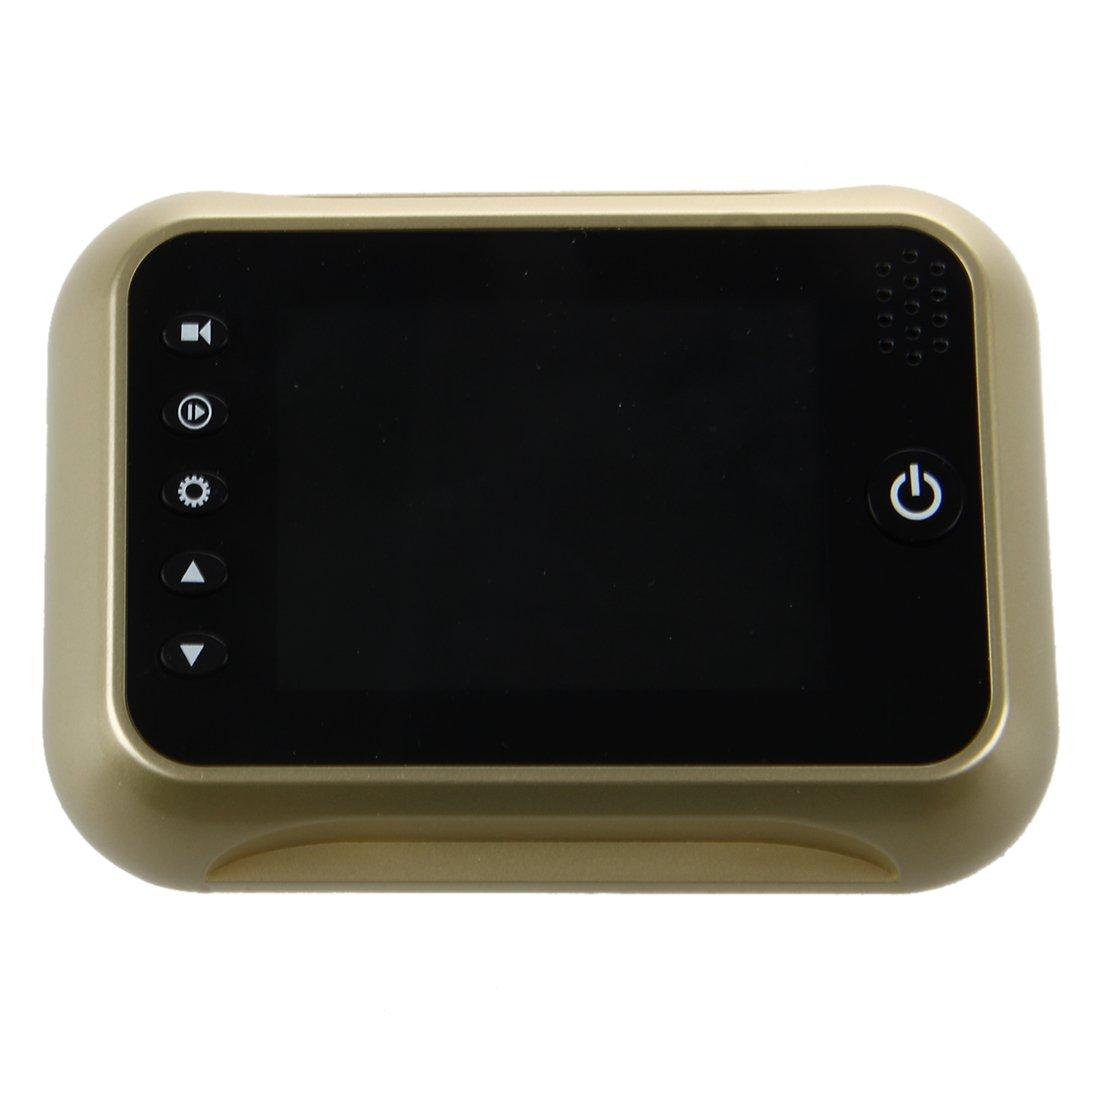 SODIAL(R) Mirilla Digital VideoPortero pantalla 3.5 de LCD a Color Champagne IR Vision nocturan Sistema de seguridad: Amazon.es: Bricolaje y herramientas